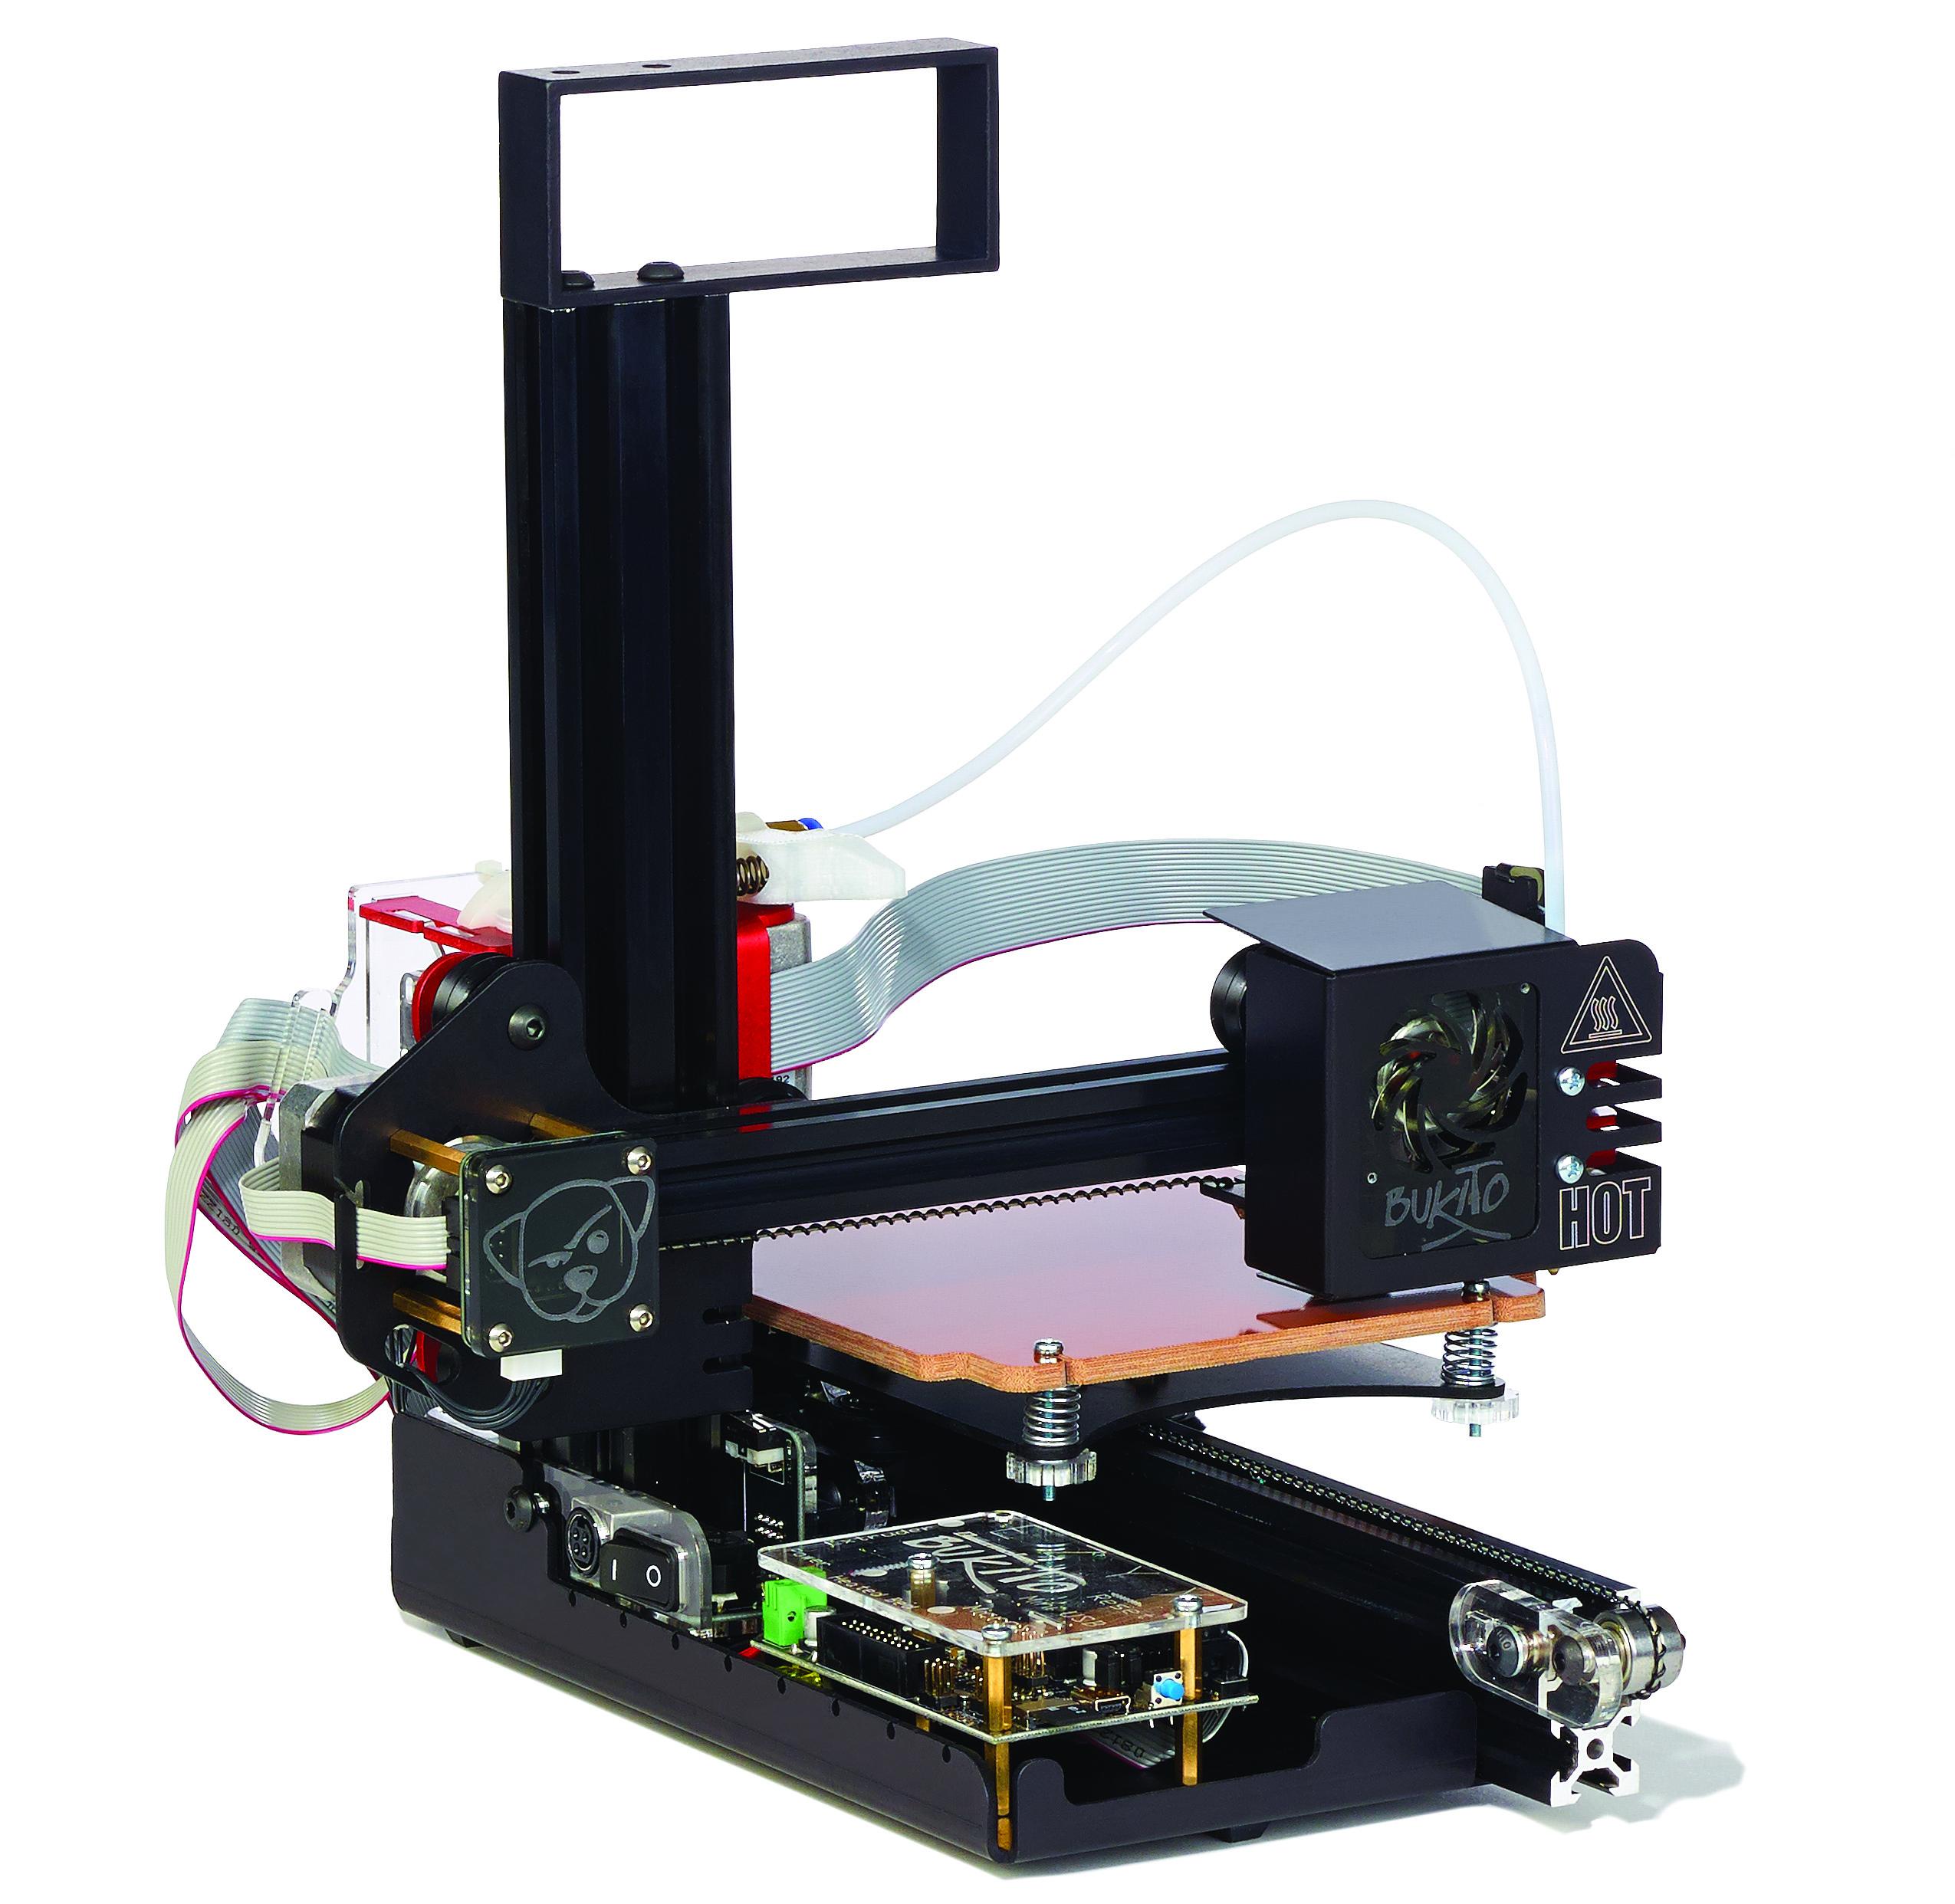 Review: Bukito v2 3D Printer